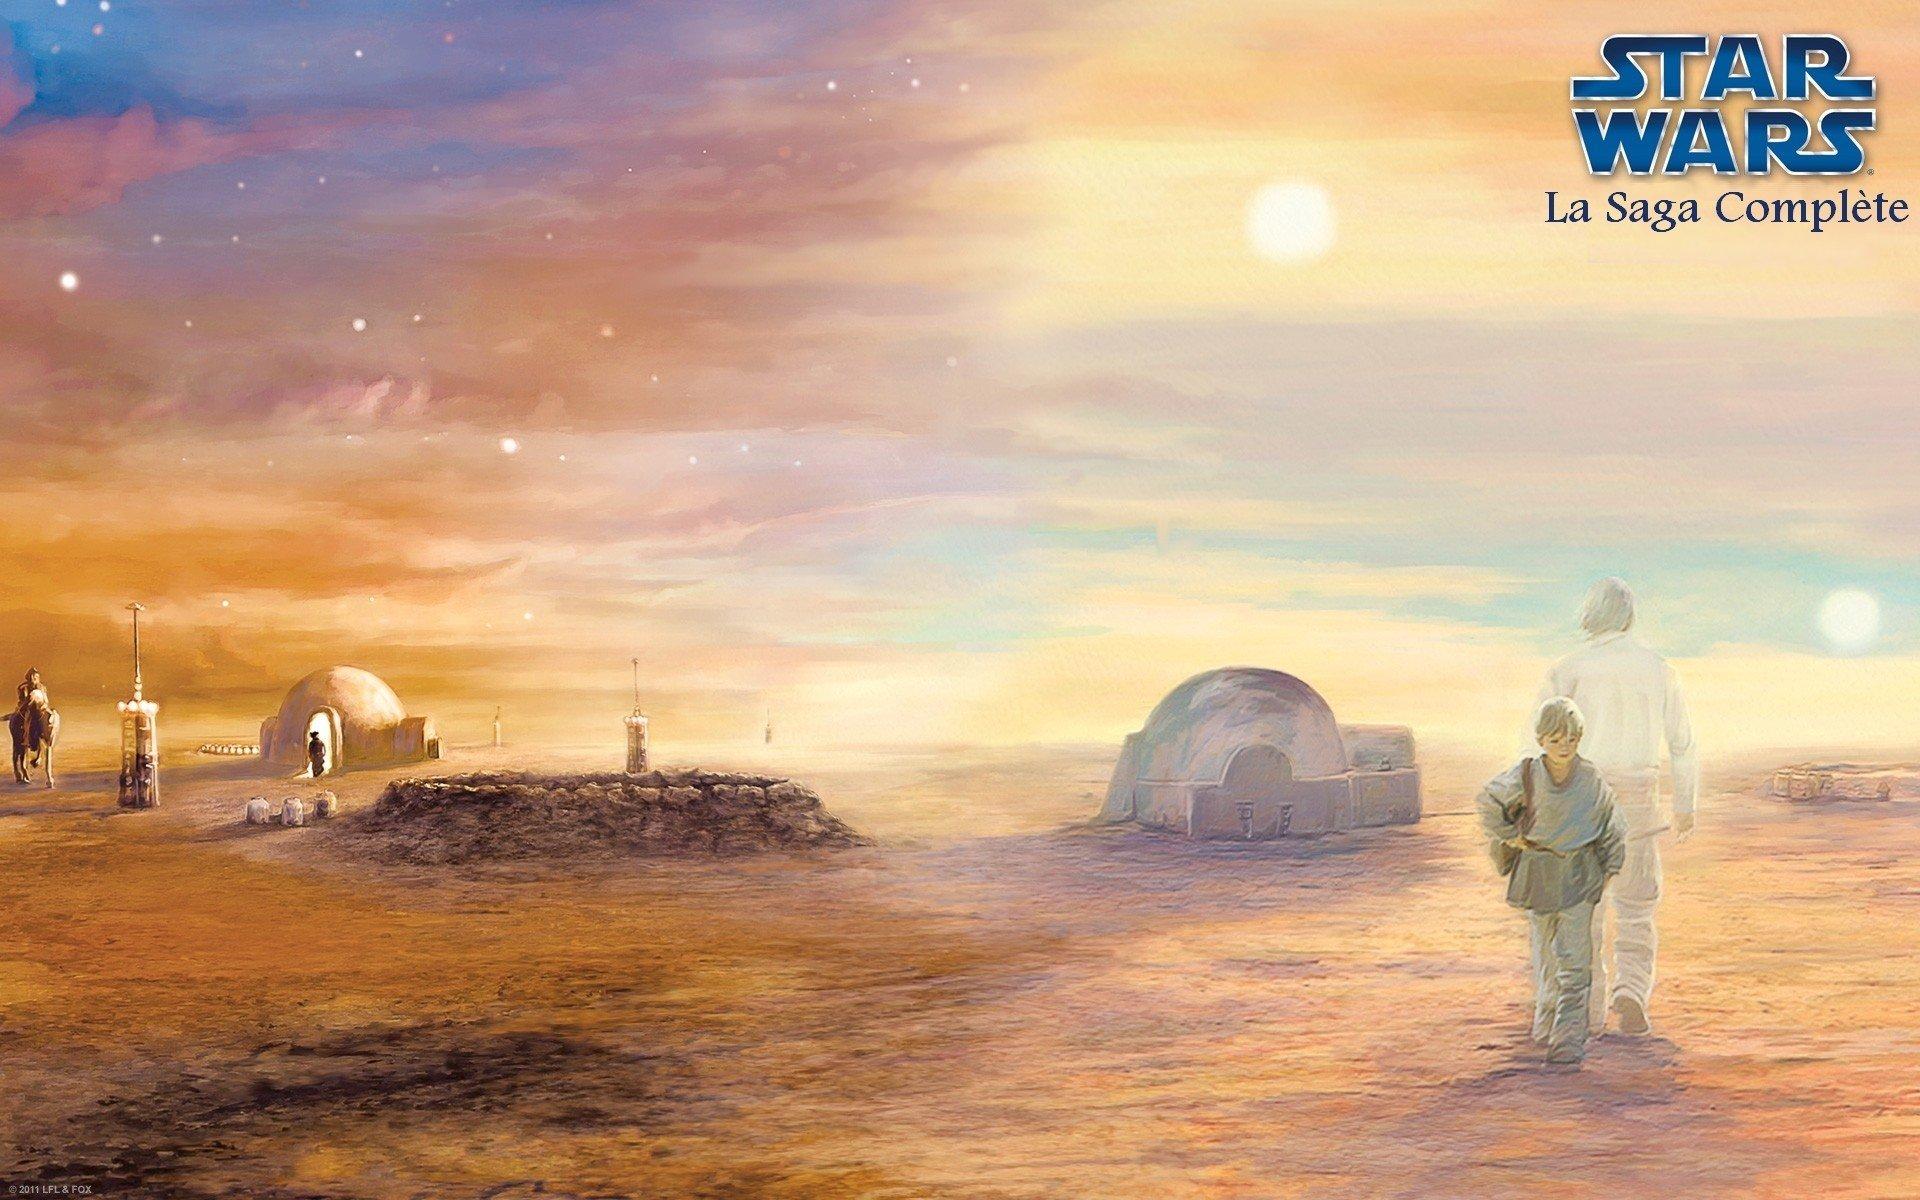 STAR WARS ATTACK CLONES Sci Fi Action Futuristic Movie Film Poster Wallpaper